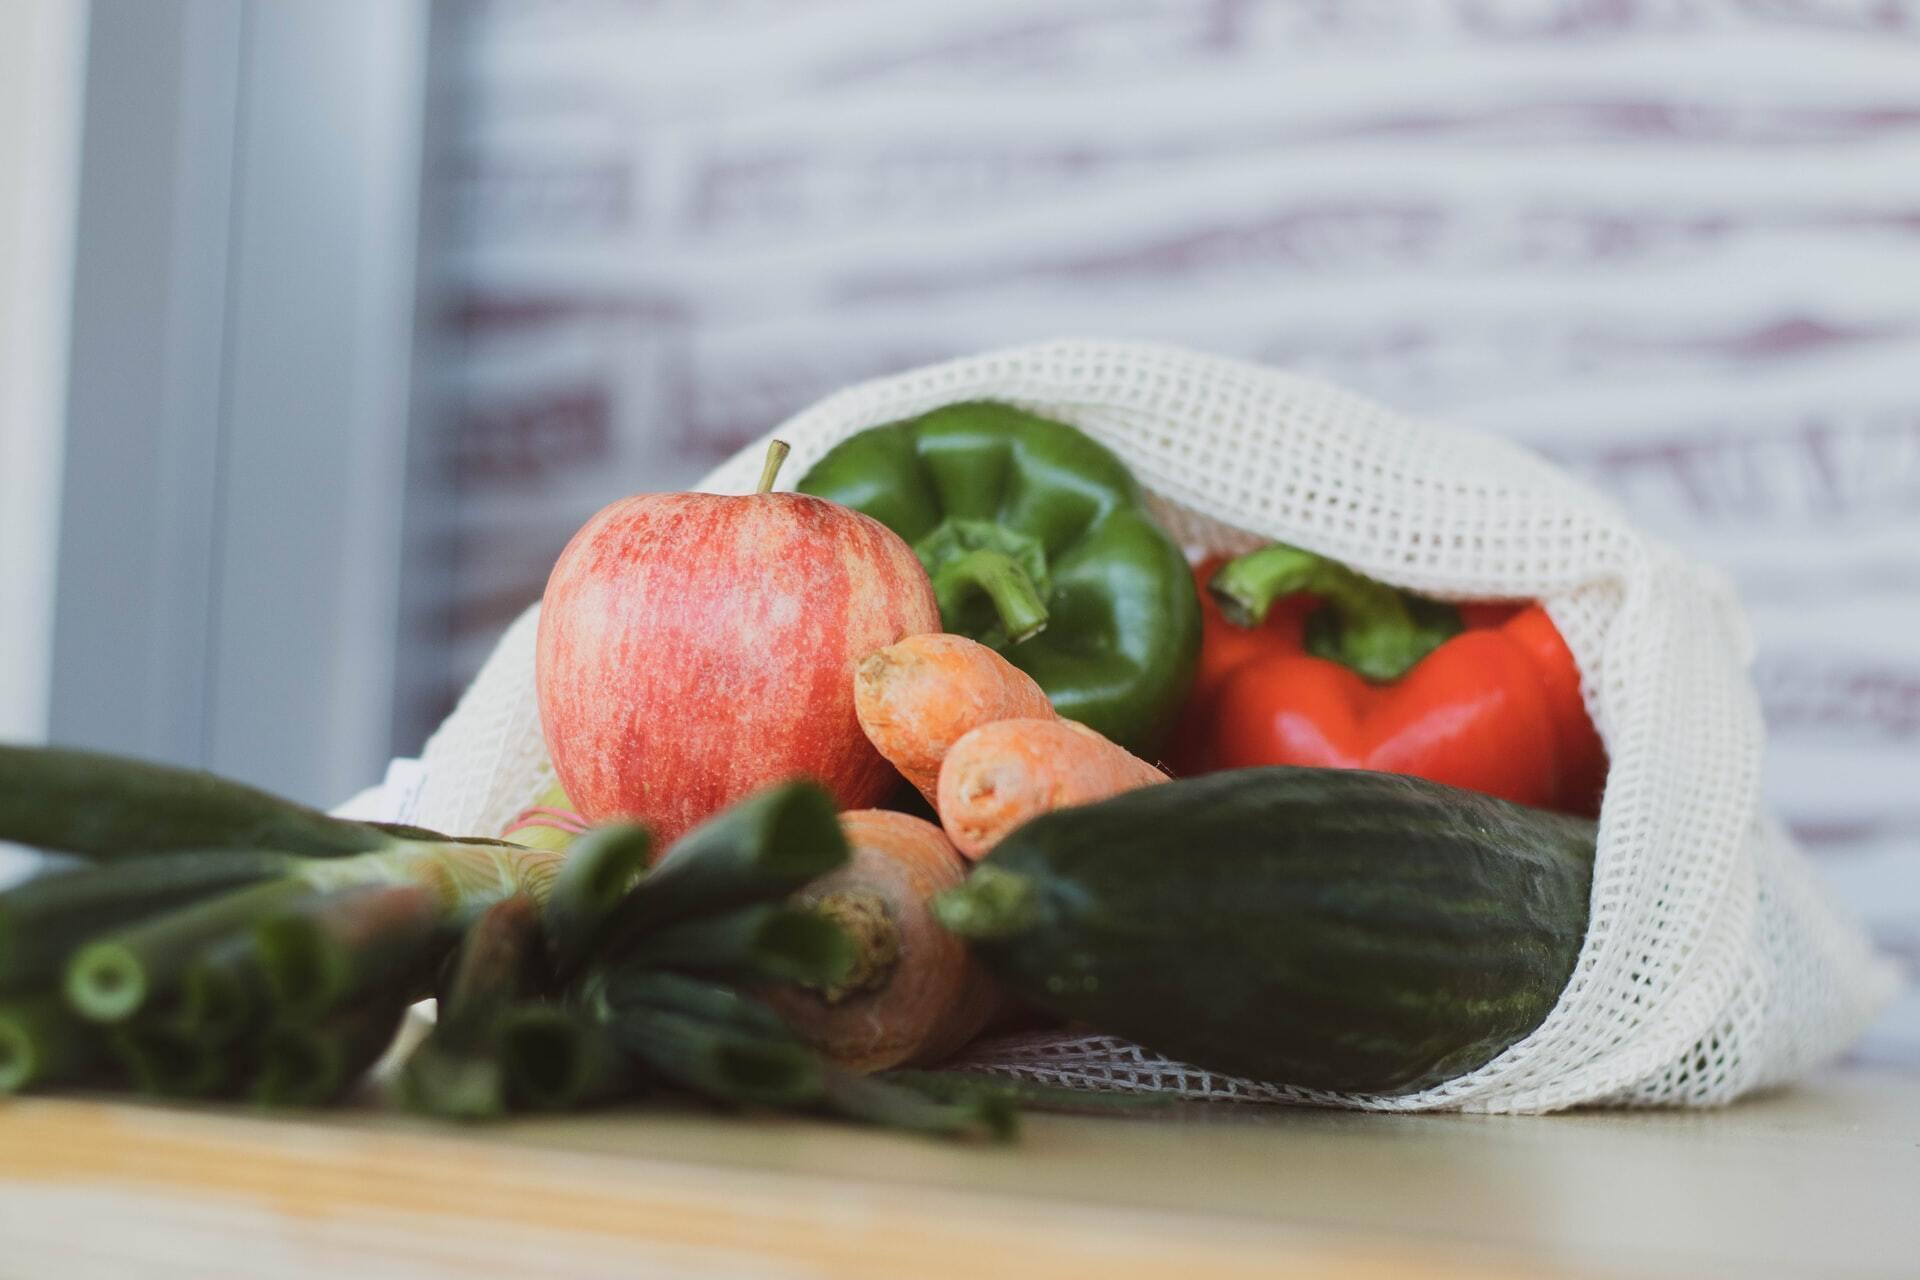 Твердые продукты, такие как, например, огурцы, стоить протереть чистой щеткой для продуктов